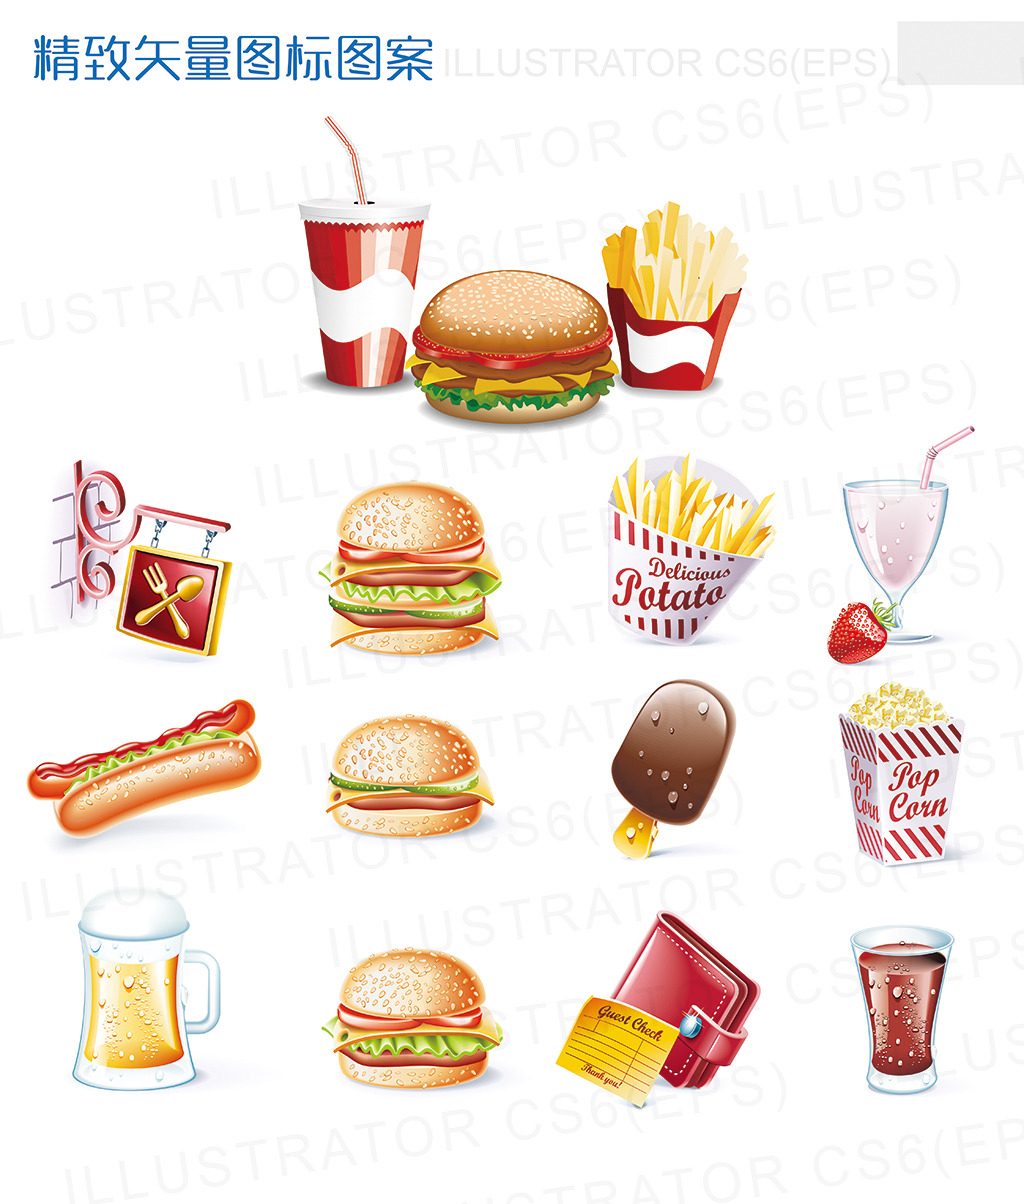 图标 食物 饮料